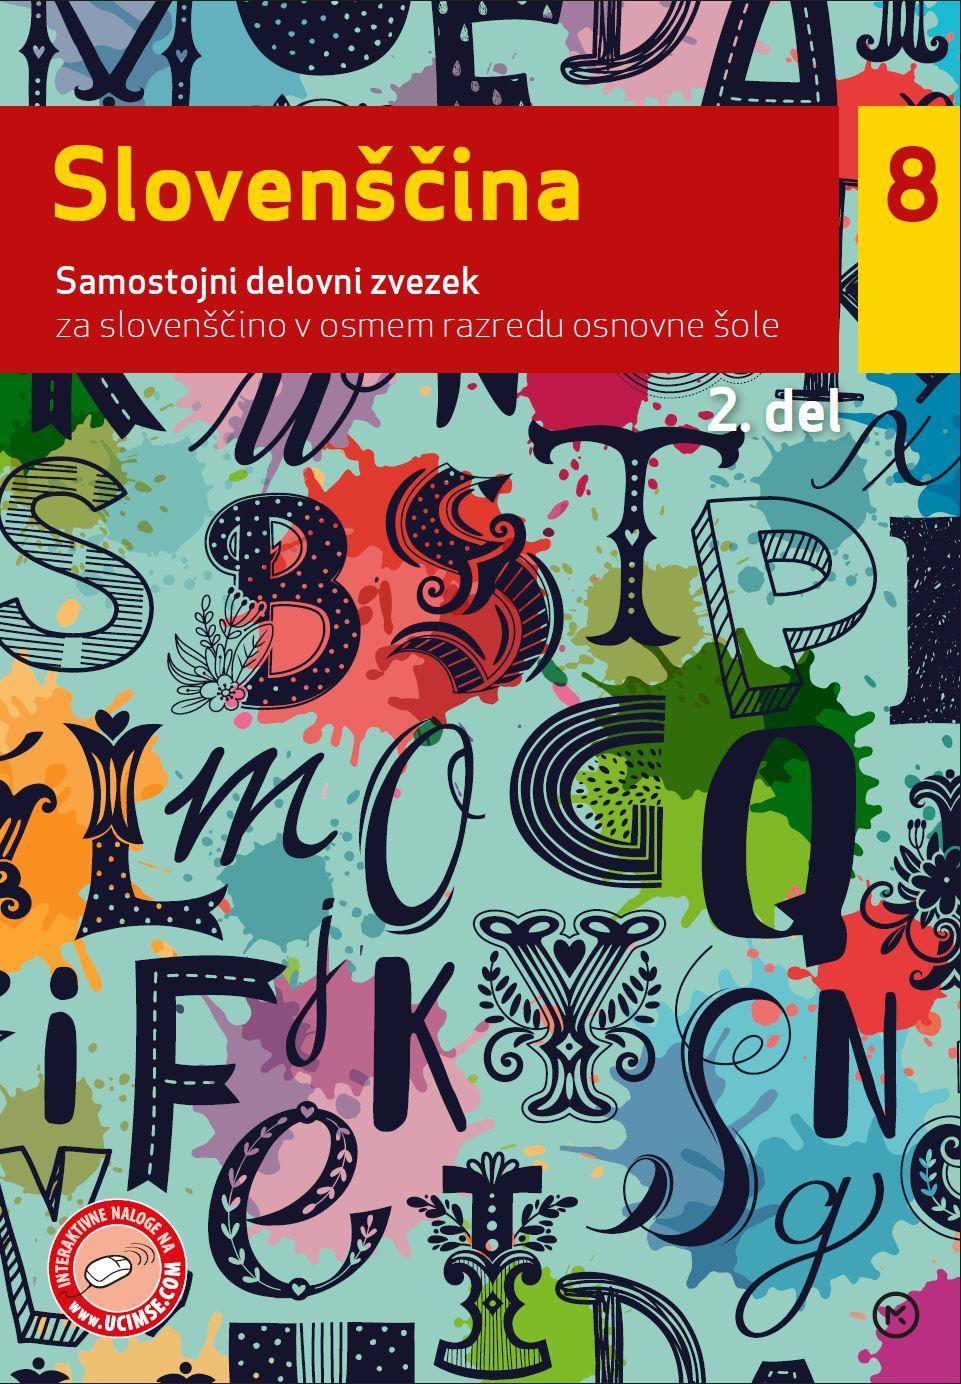 Slovenščina 8, 2. del